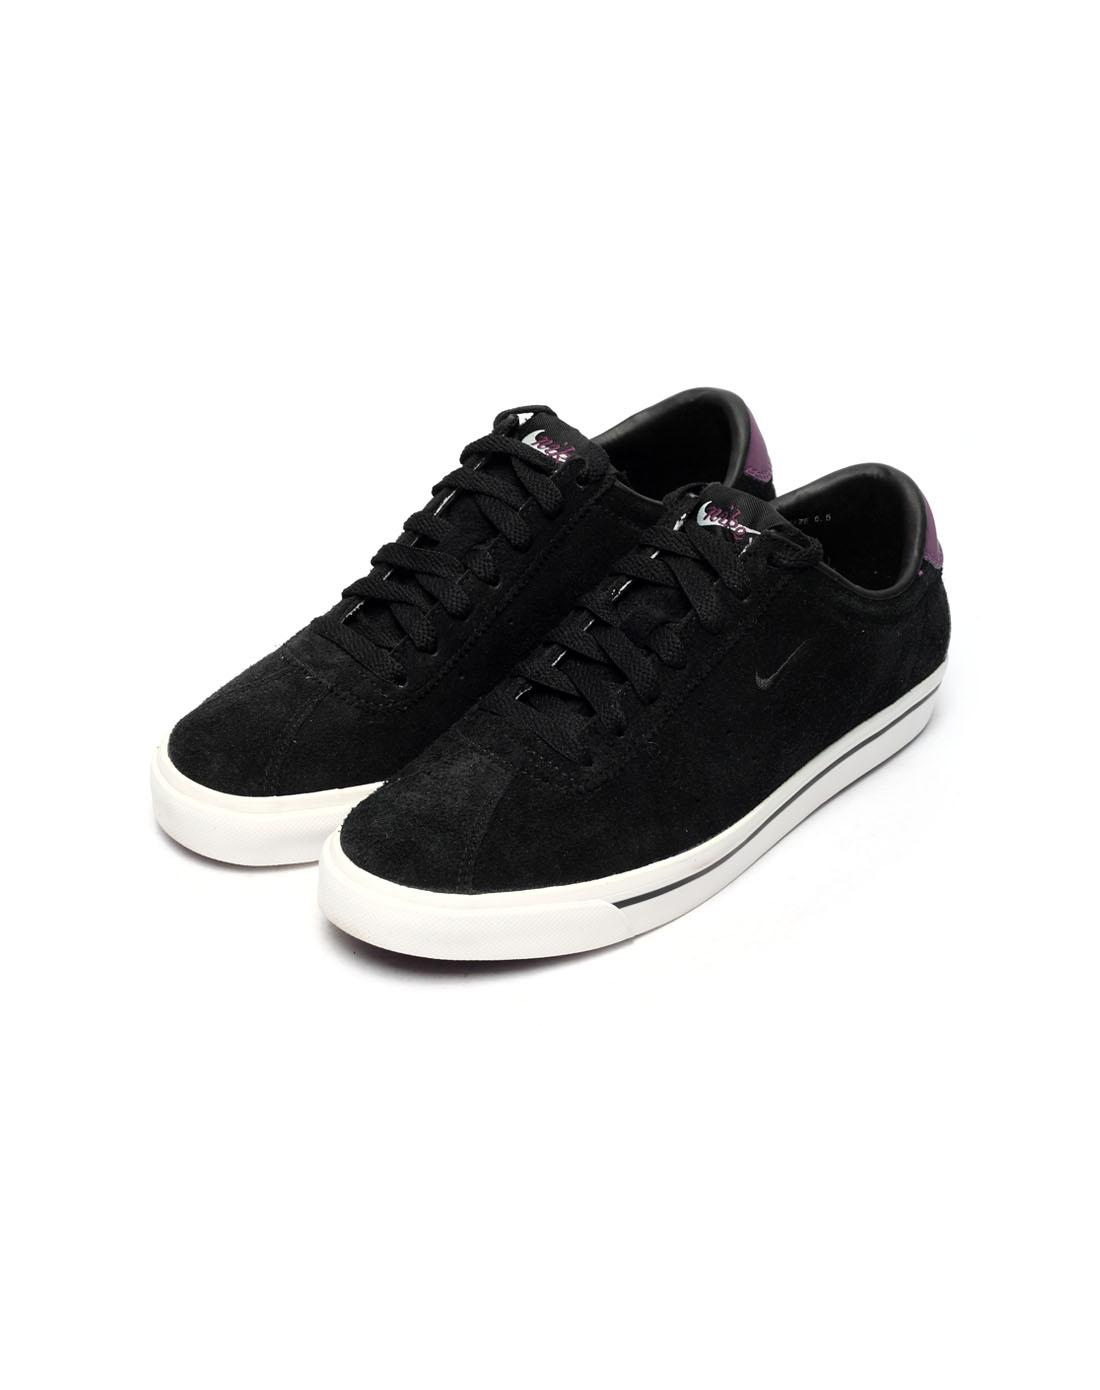 耐克nike-男子黑色复古鞋417726-050